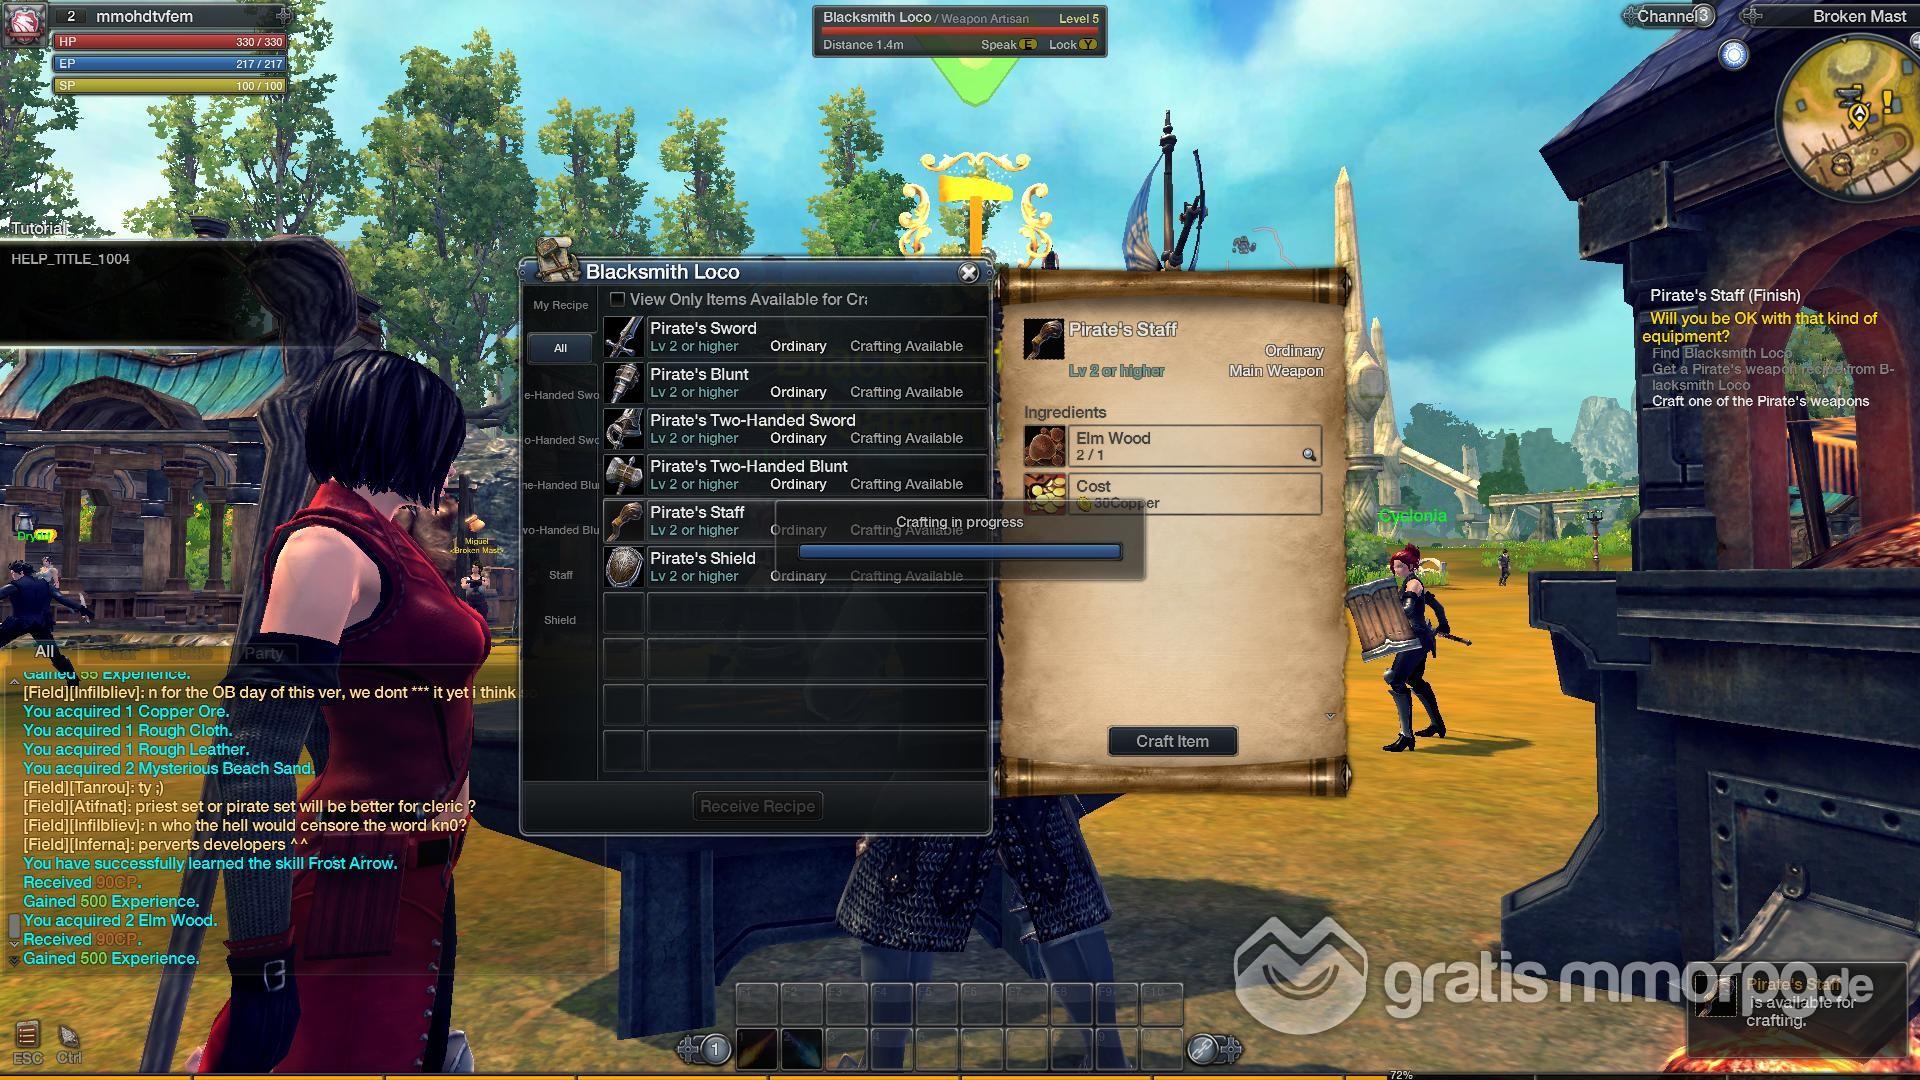 Klicke auf die Grafik für eine größere AnsichtName:RaiderZ exclusive screenshots (7).jpgHits:40Größe:549,7 KBID:7888